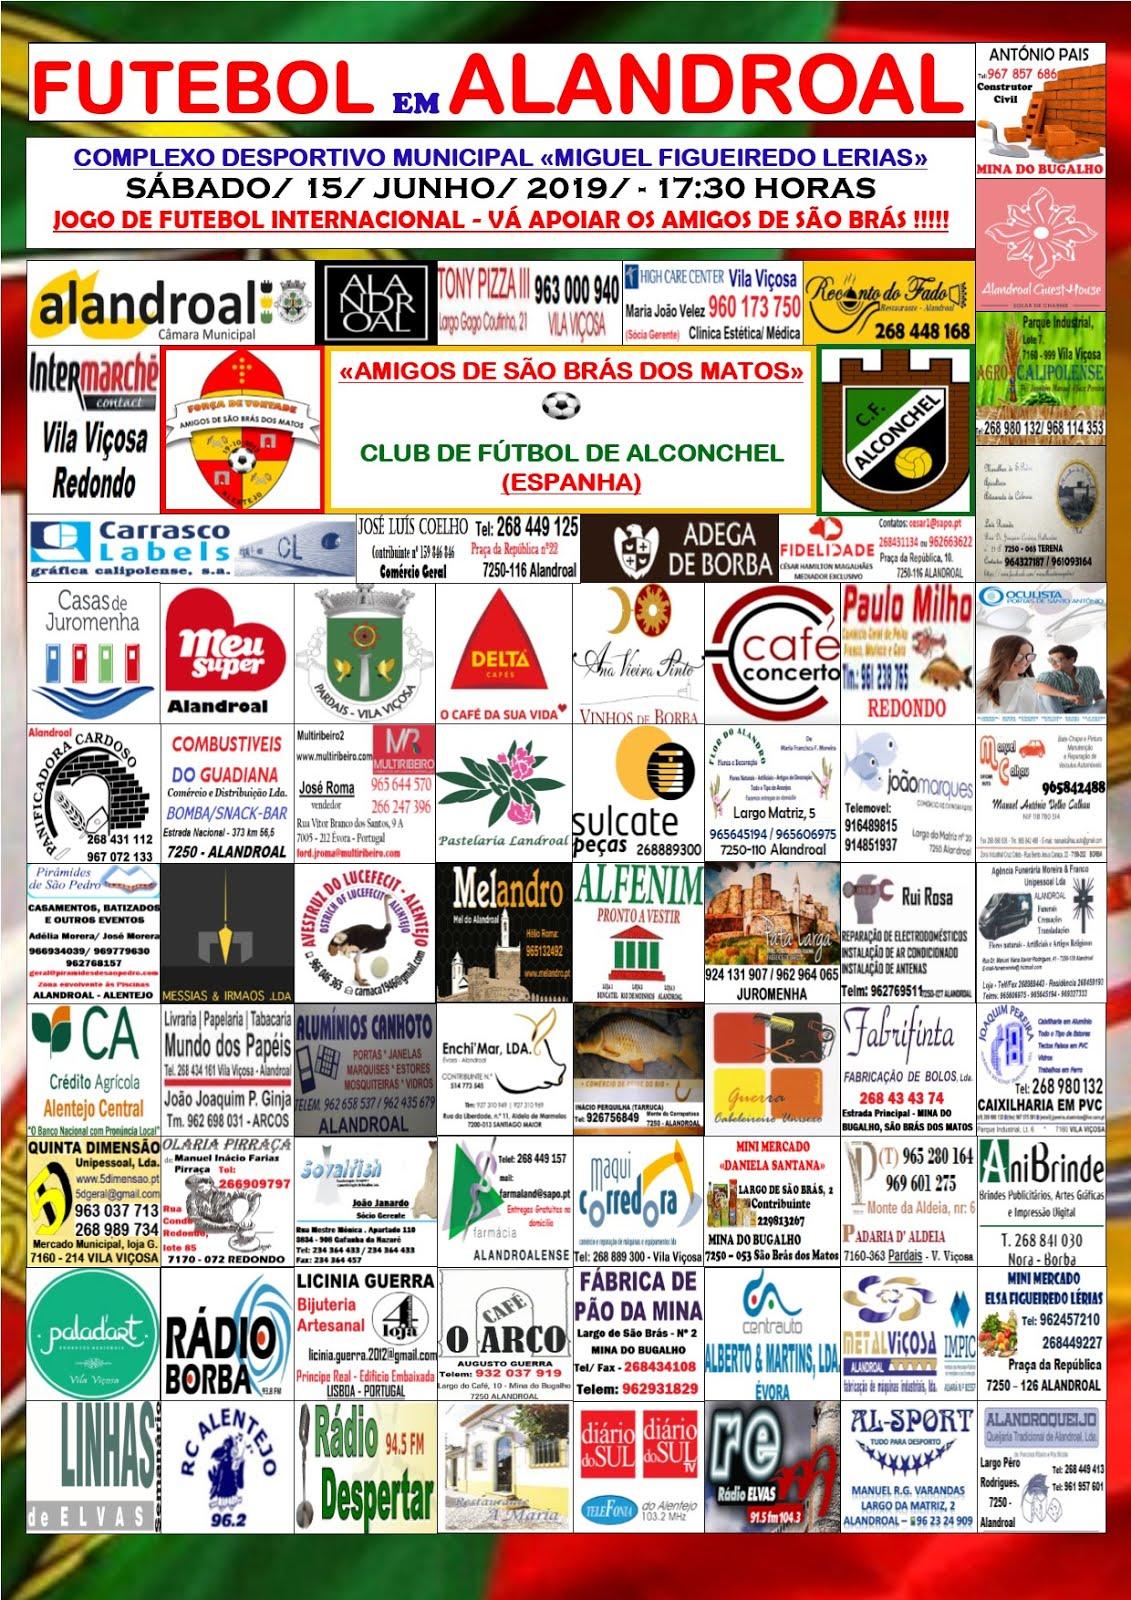 JOGO DE FUTEBOL INTERNACIONAL NO ALANDROAL